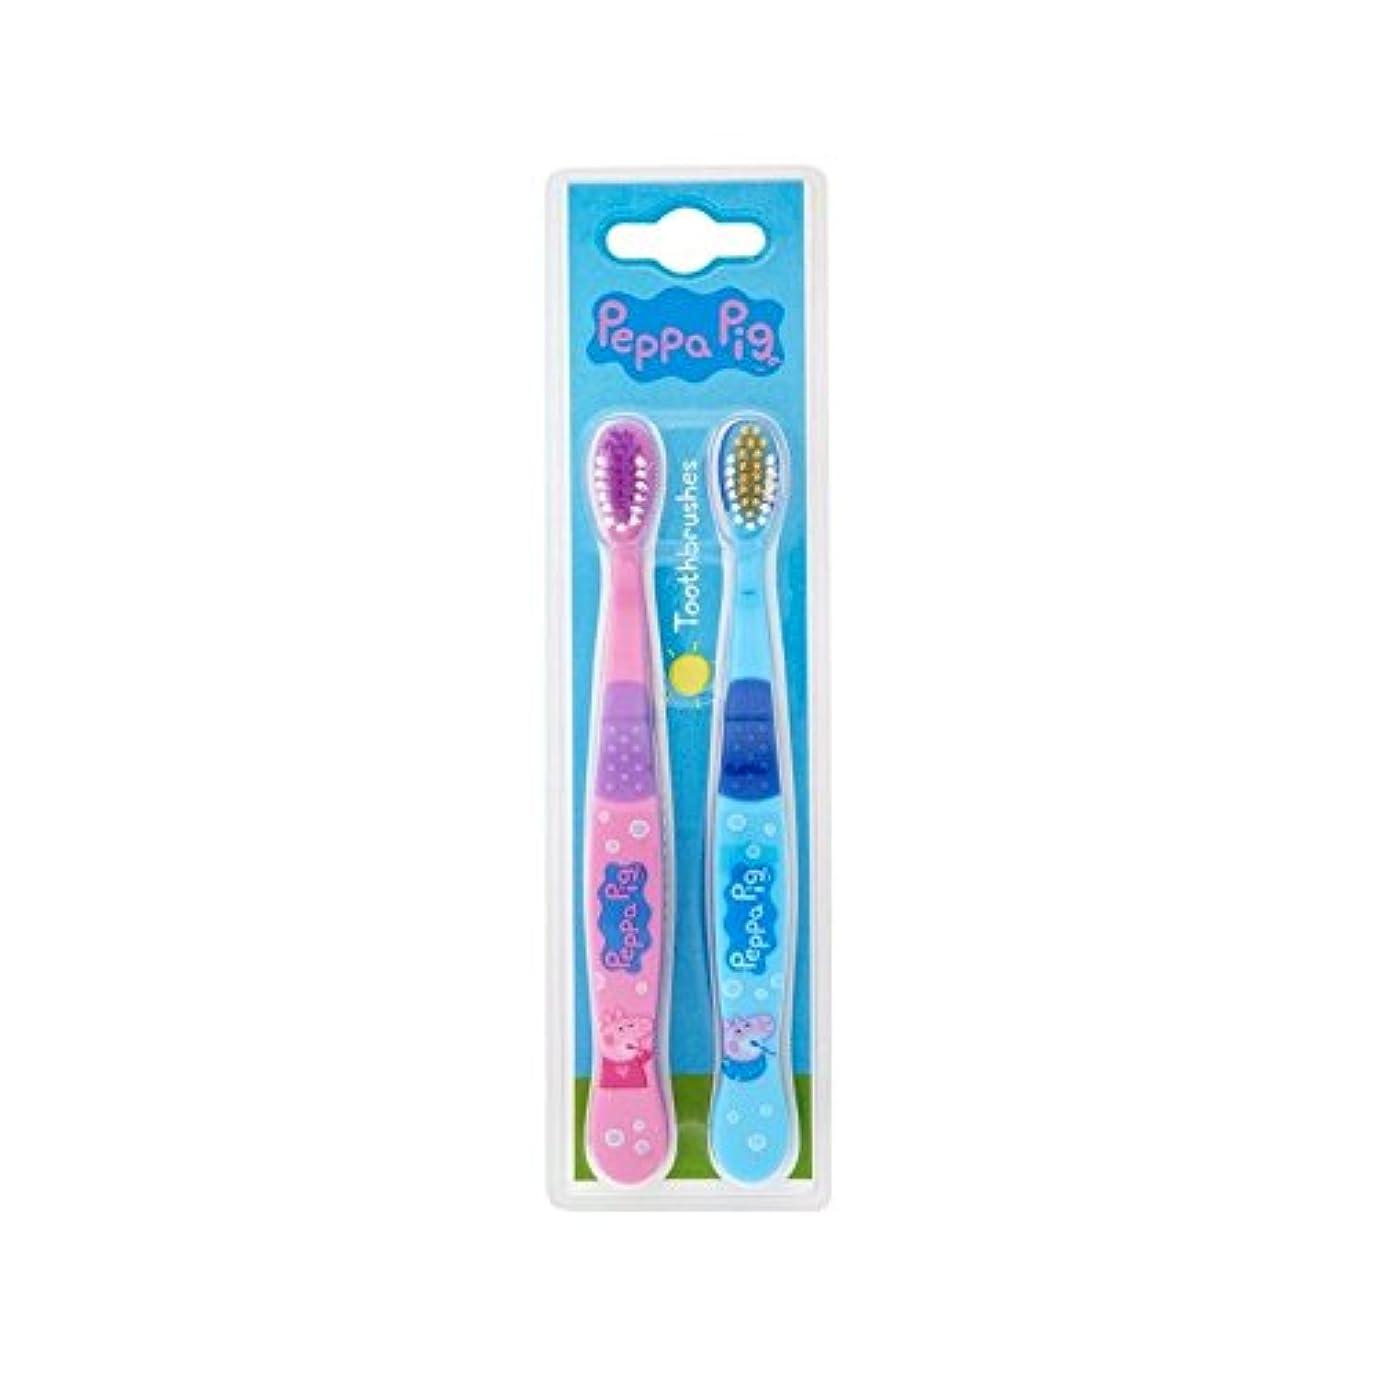 余韻郵便屋さん船乗り1パックツイン歯ブラシ2 (Peppa Pig) (x 4) - Peppa Pig Twin Toothbrush 2 per pack (Pack of 4) [並行輸入品]